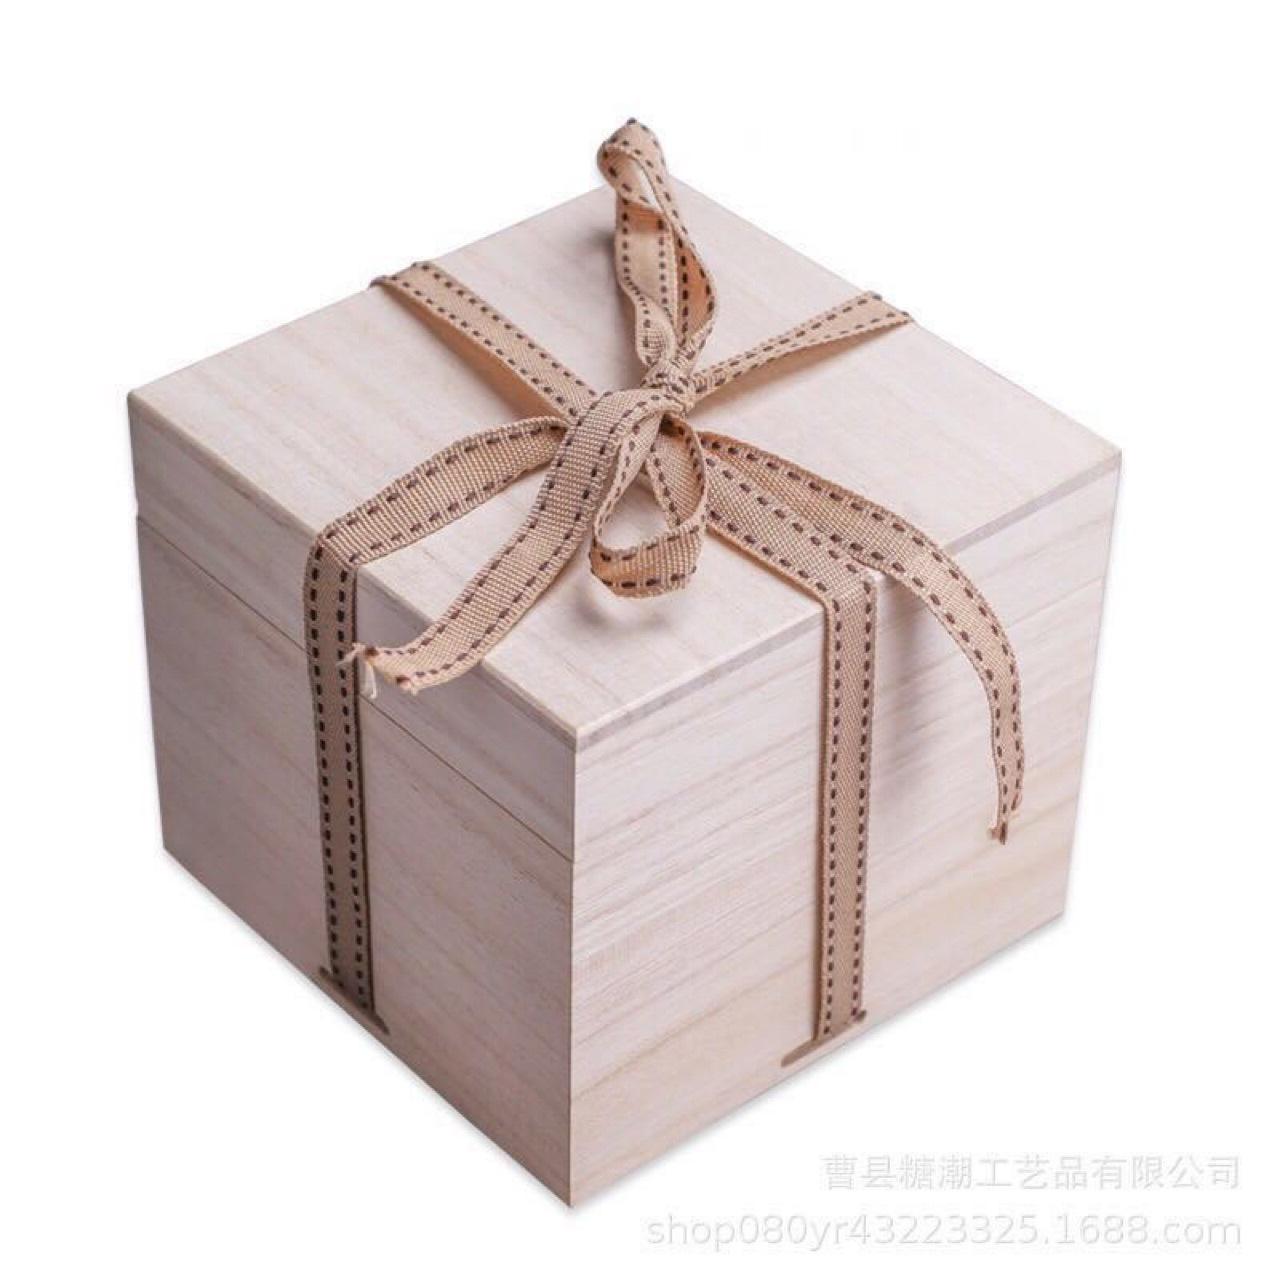 曹县糖潮工艺品